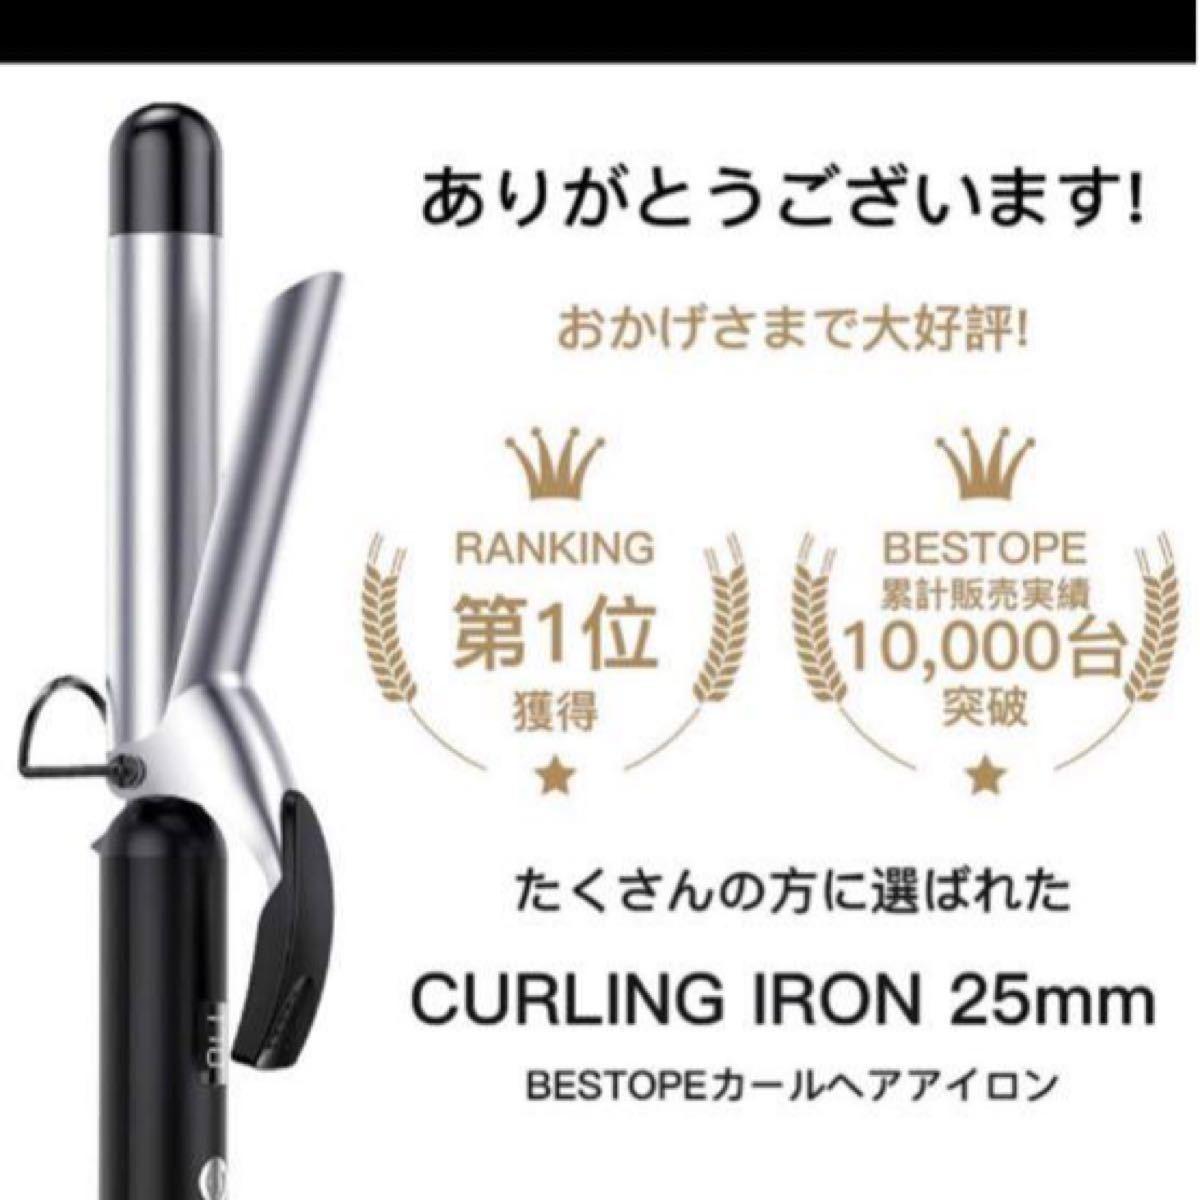 BESTOPE ヘアアイロン カール コテ 25mm カールアイロン 80~230℃